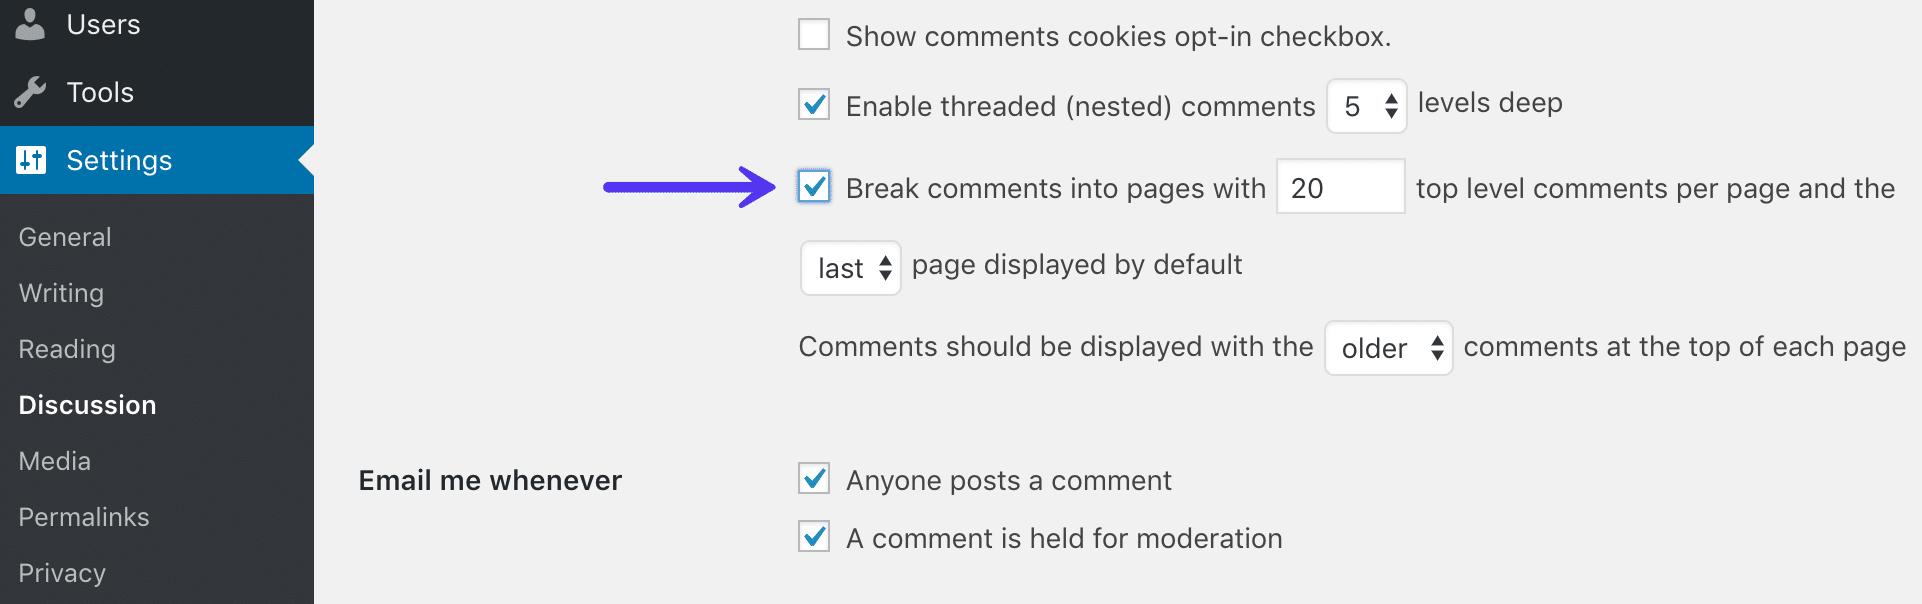 Kommentare in Seiten aufteilen